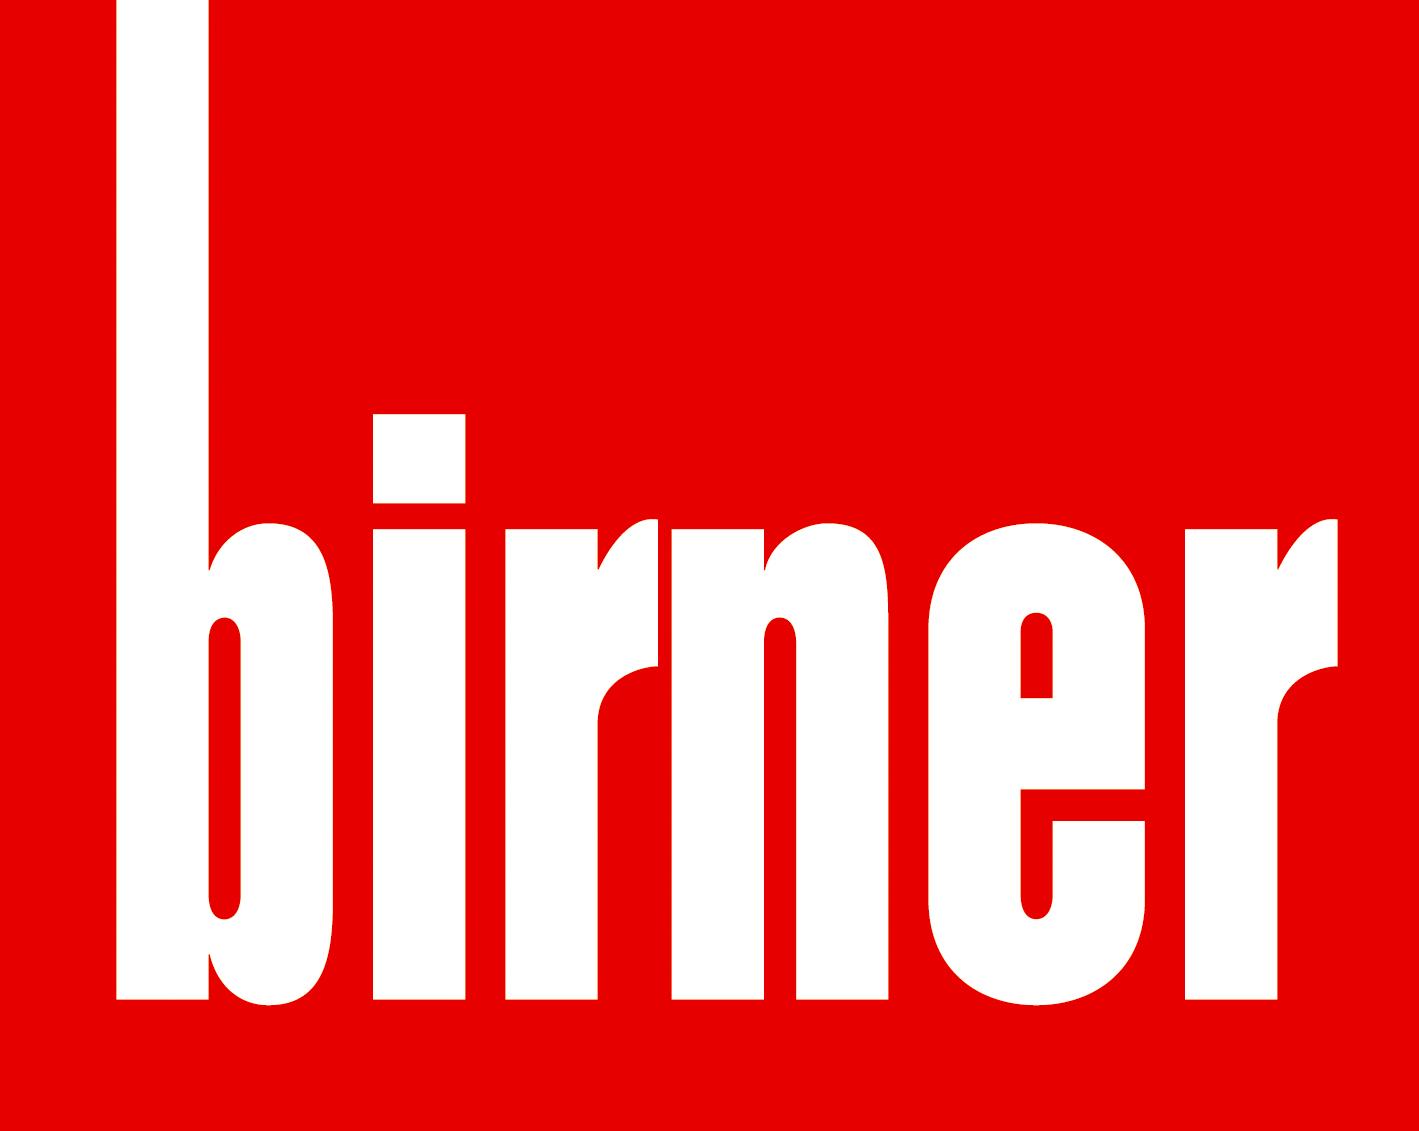 Birner Wien Hernals